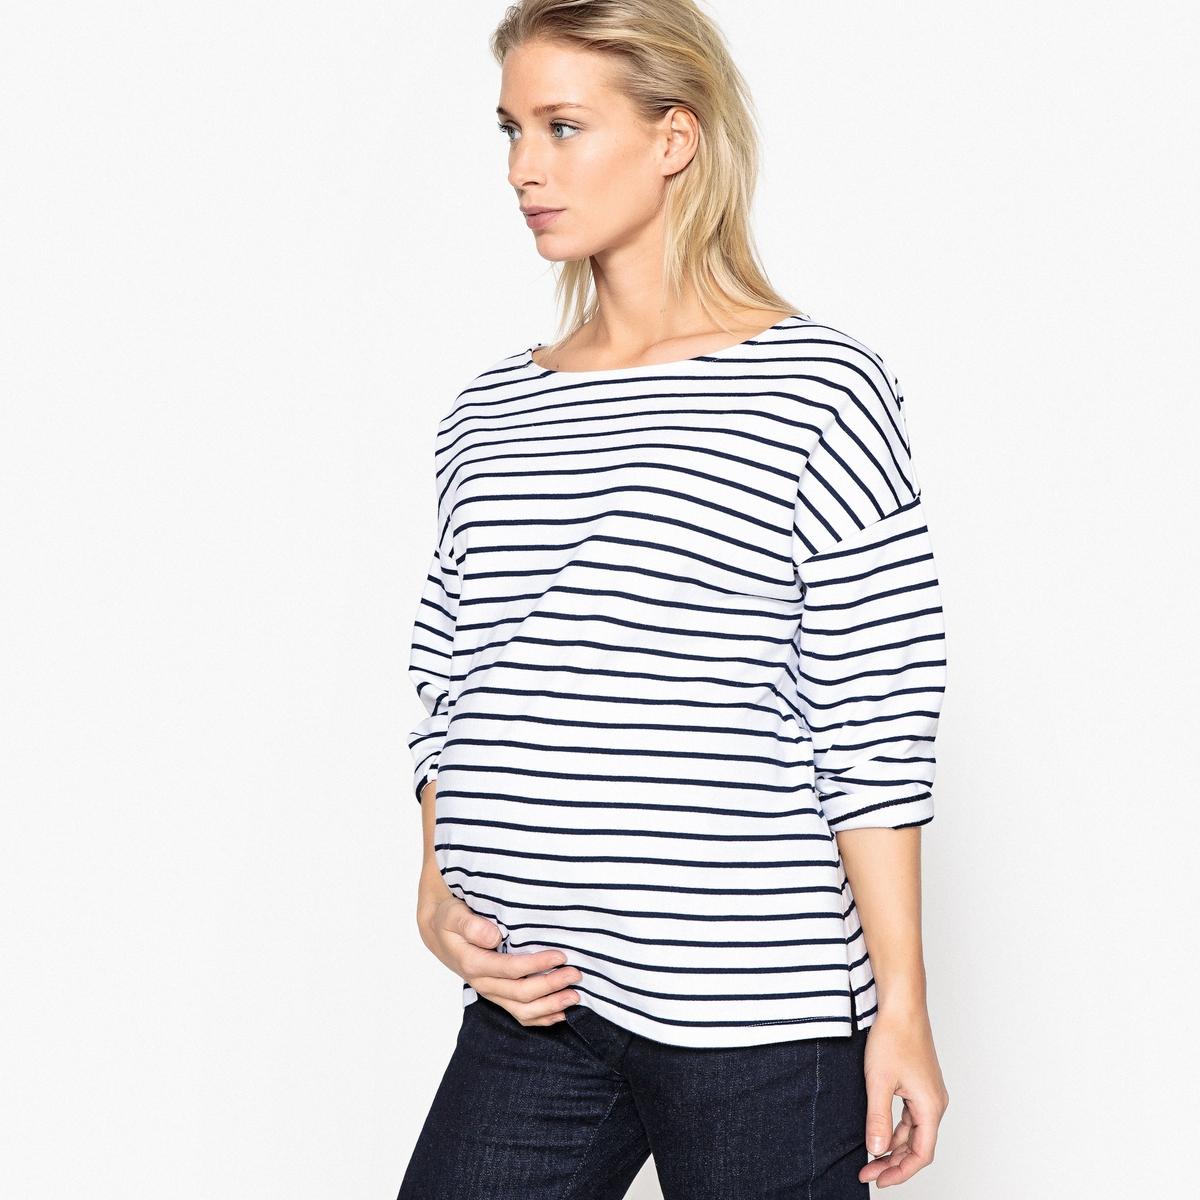 Sweat estilo marinheiro, para grávida